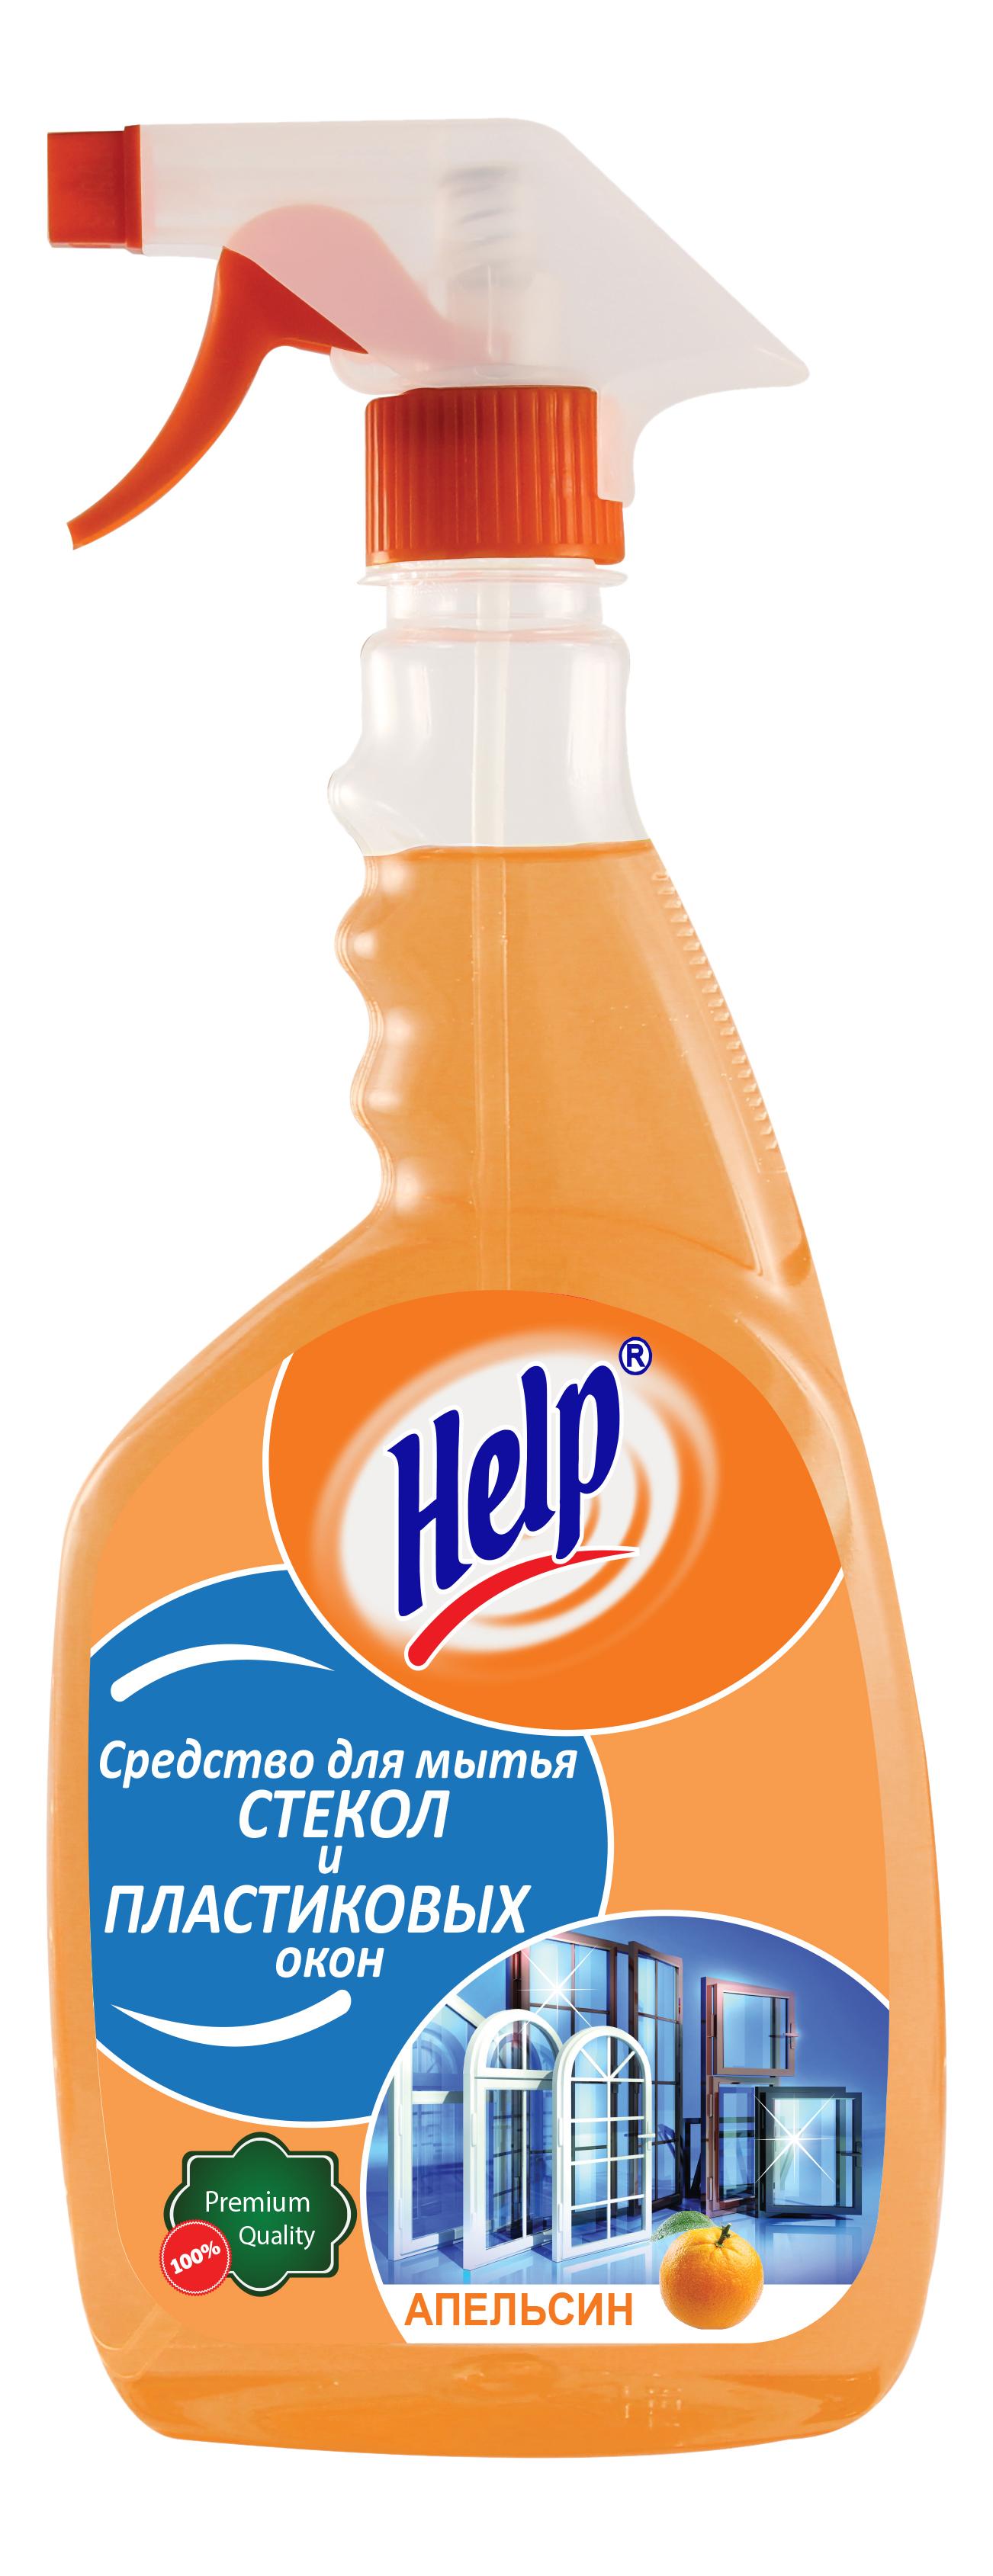 Универсальное чистящее средство Help апельсинс для пластиковых